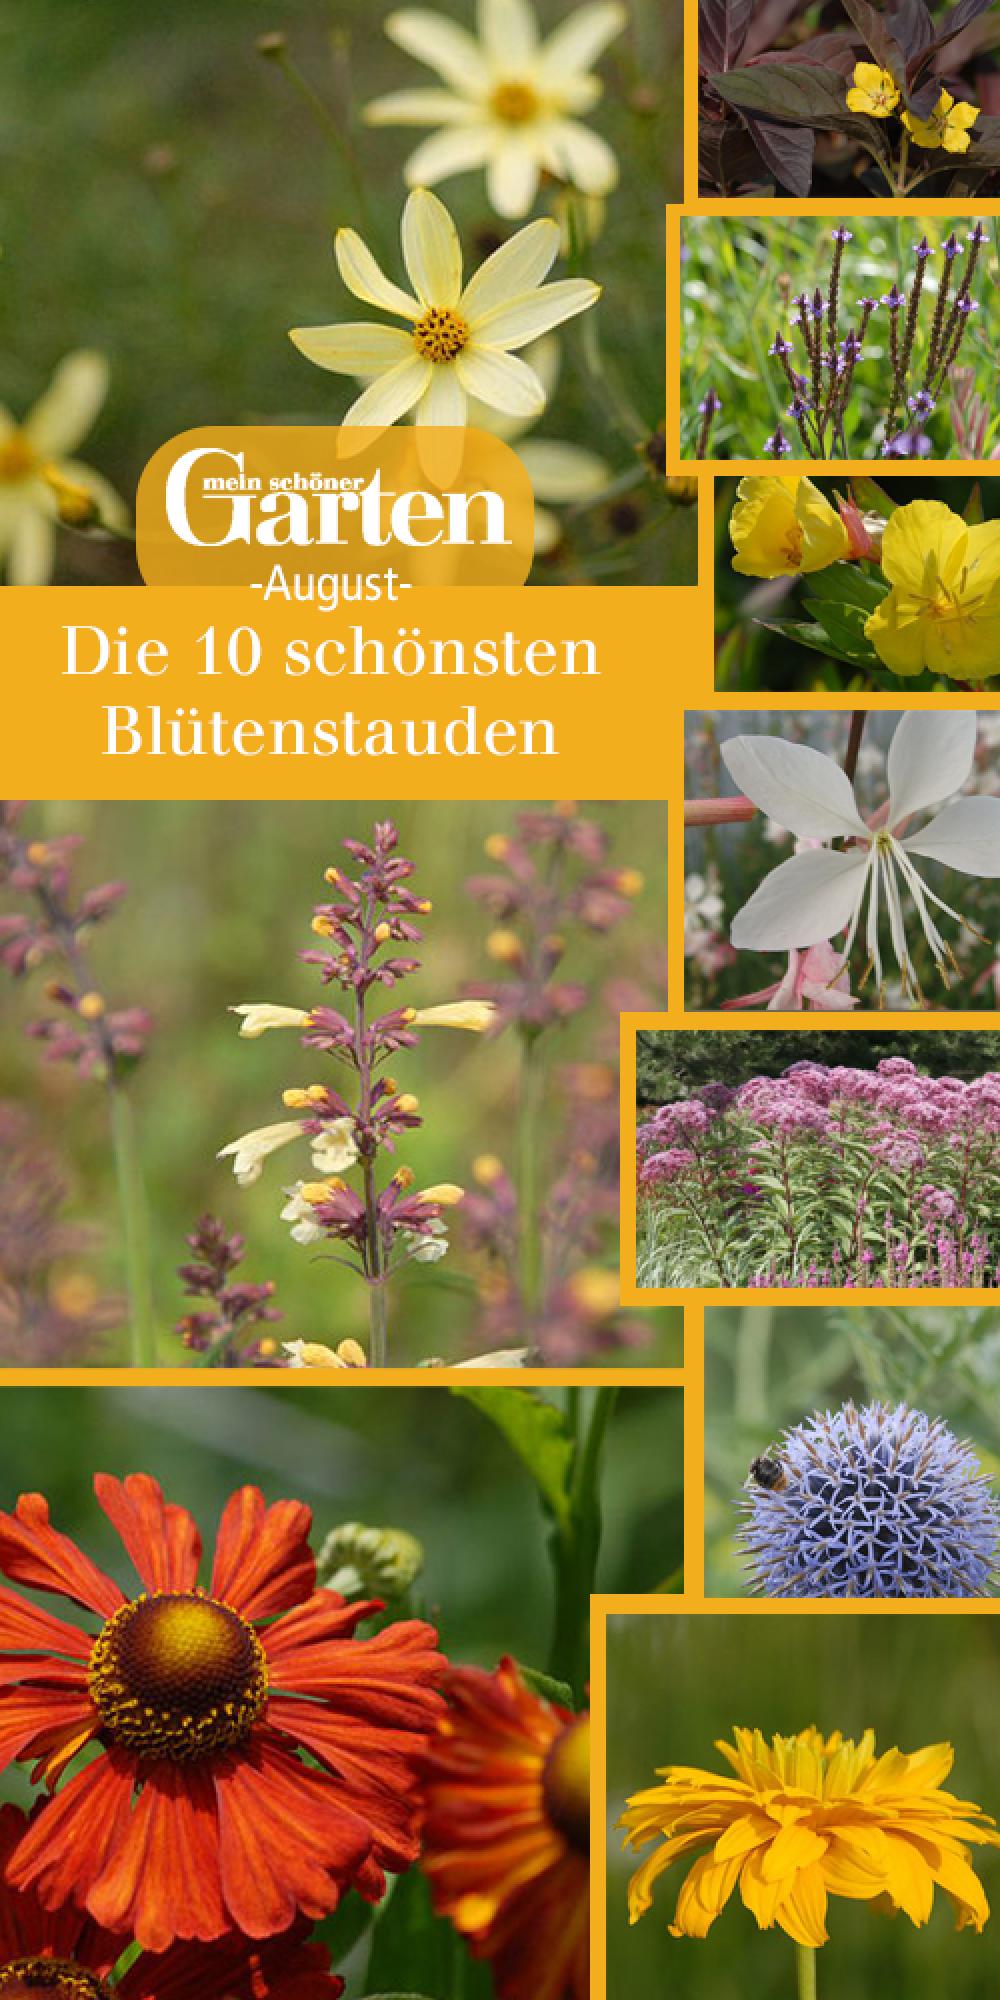 Die 10 schönsten Blütenstauden im August | Stauden, Schöne gärten ...